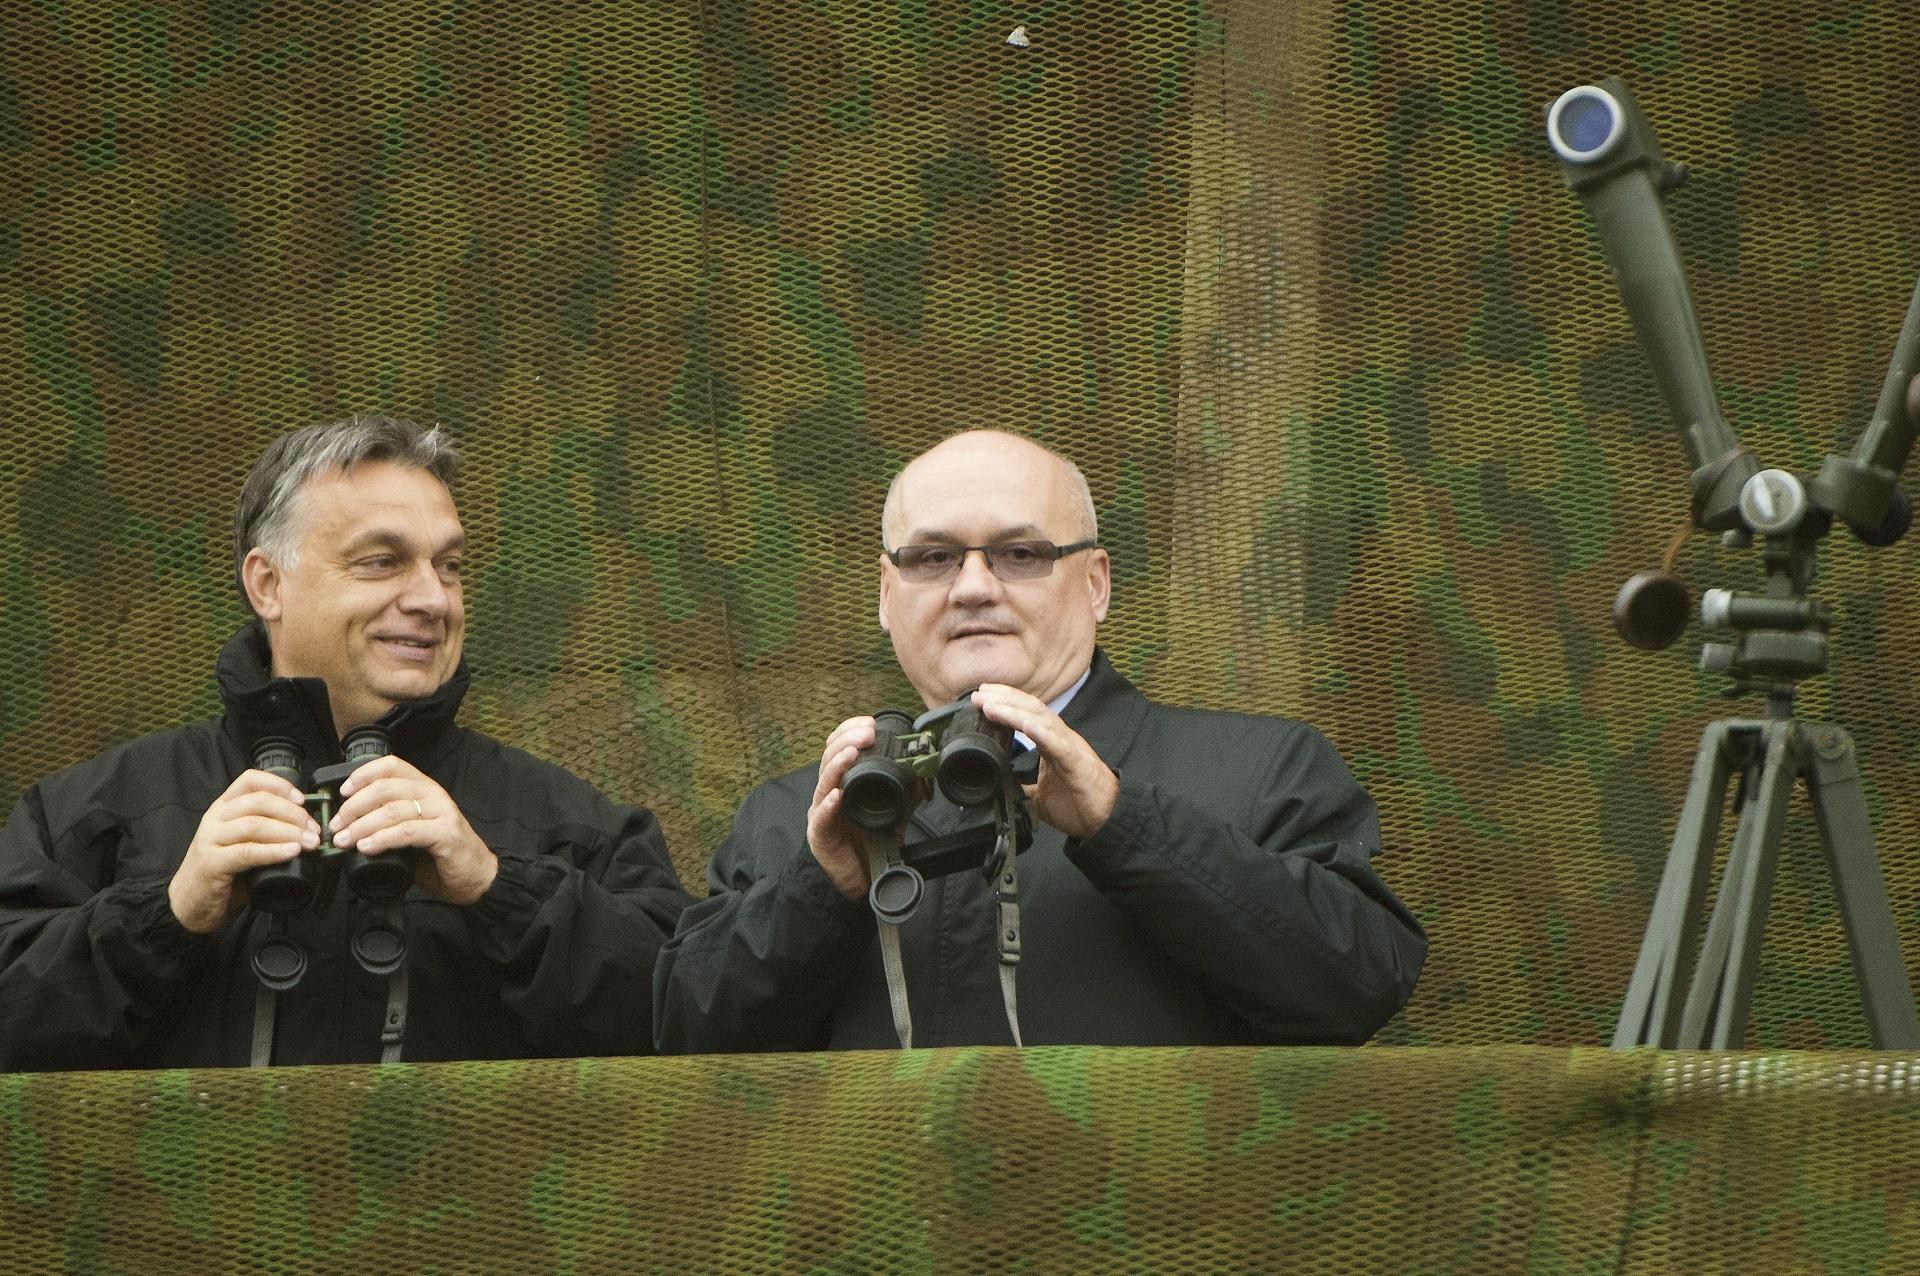 Orbán: A magyar családok számára a katonai kapacitás, a bevethető katonai erő mindig szükséges lesz